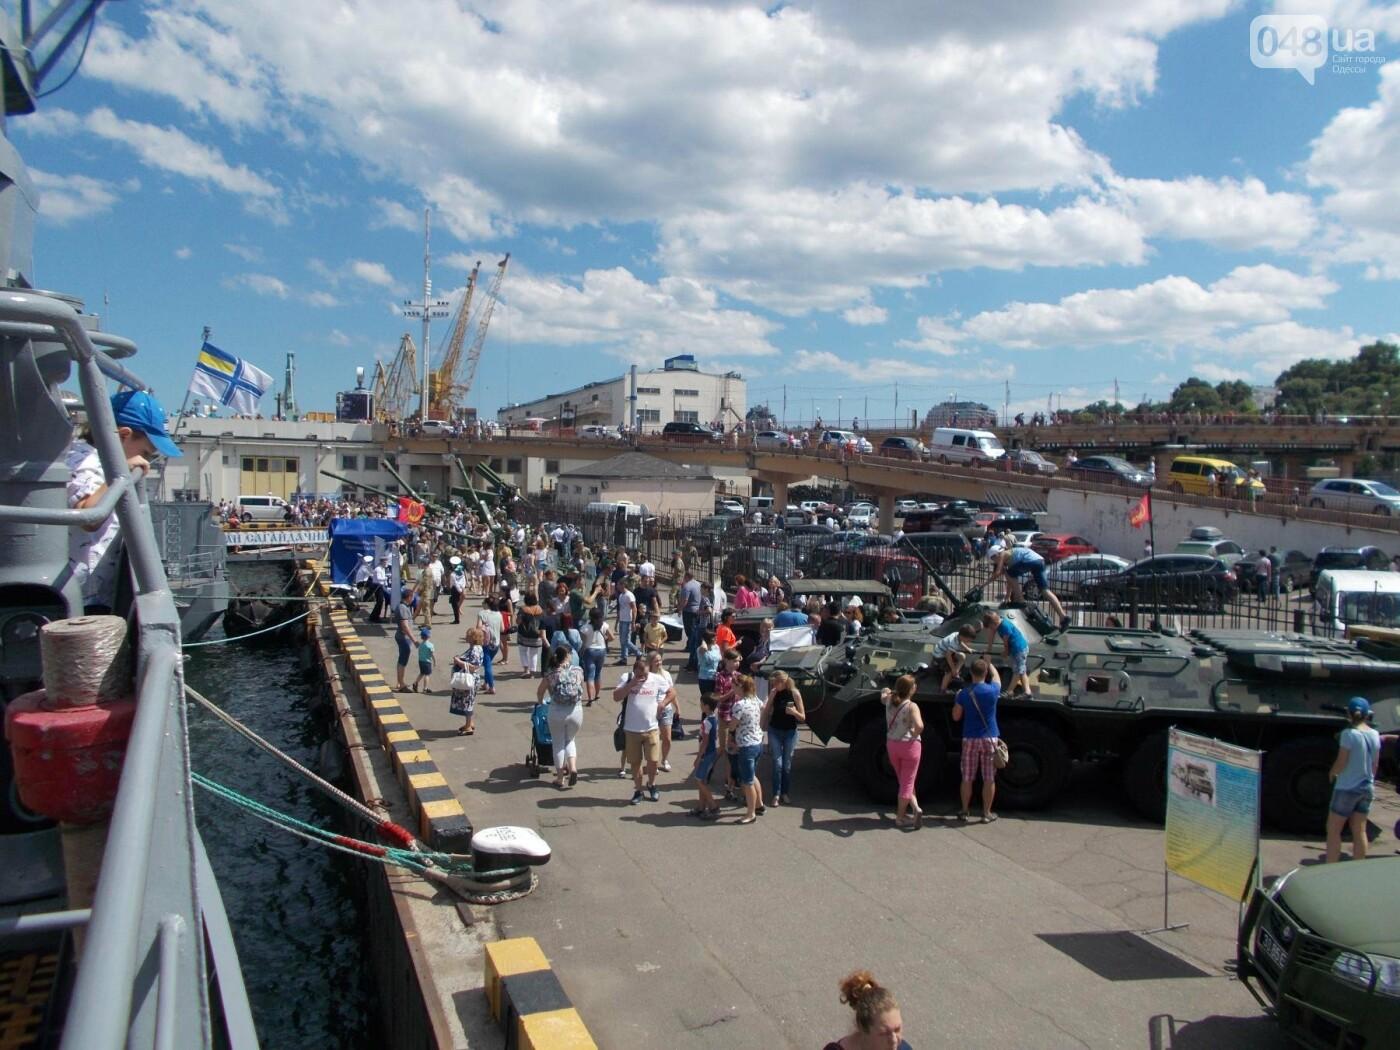 День Военно-морских сил Украины отпраздновали на Одесском морвокзале, - ФОТО , фото-36